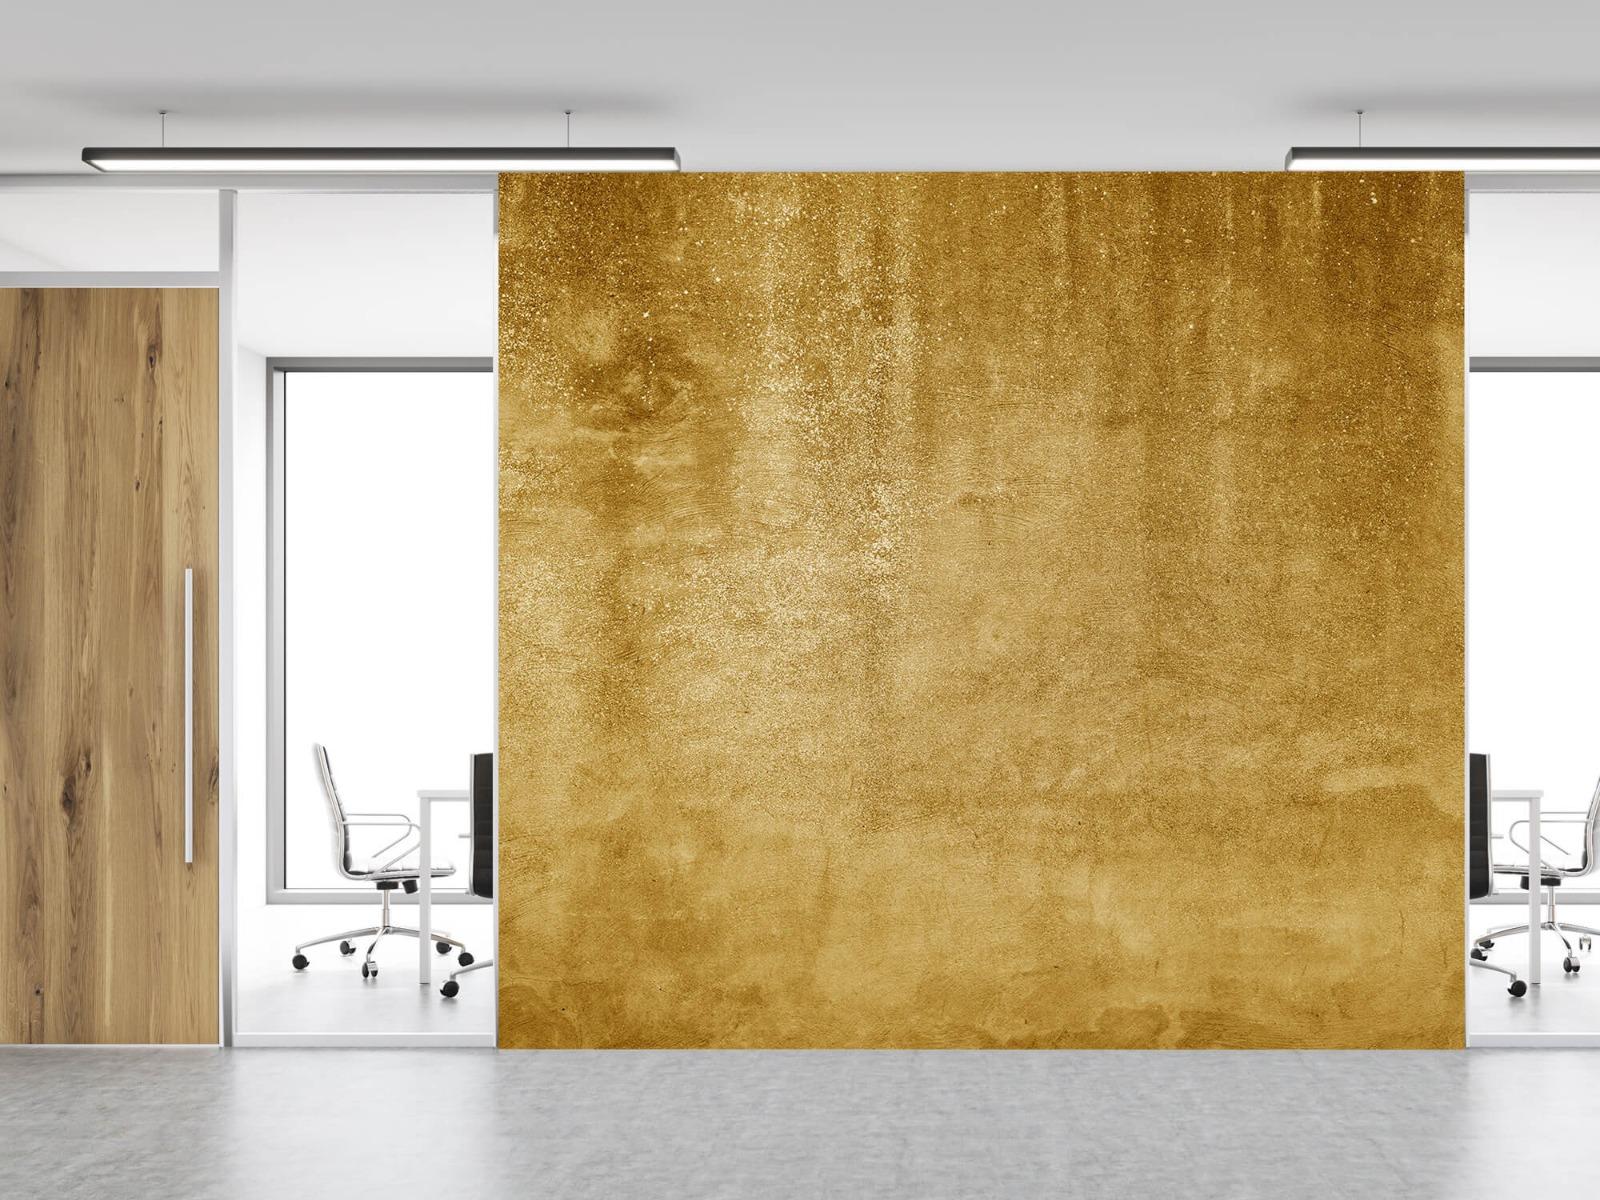 Betonoptik Tapete - Ockerhaltiger gelber Beton auf Fototapete - Wohnzimmer 12